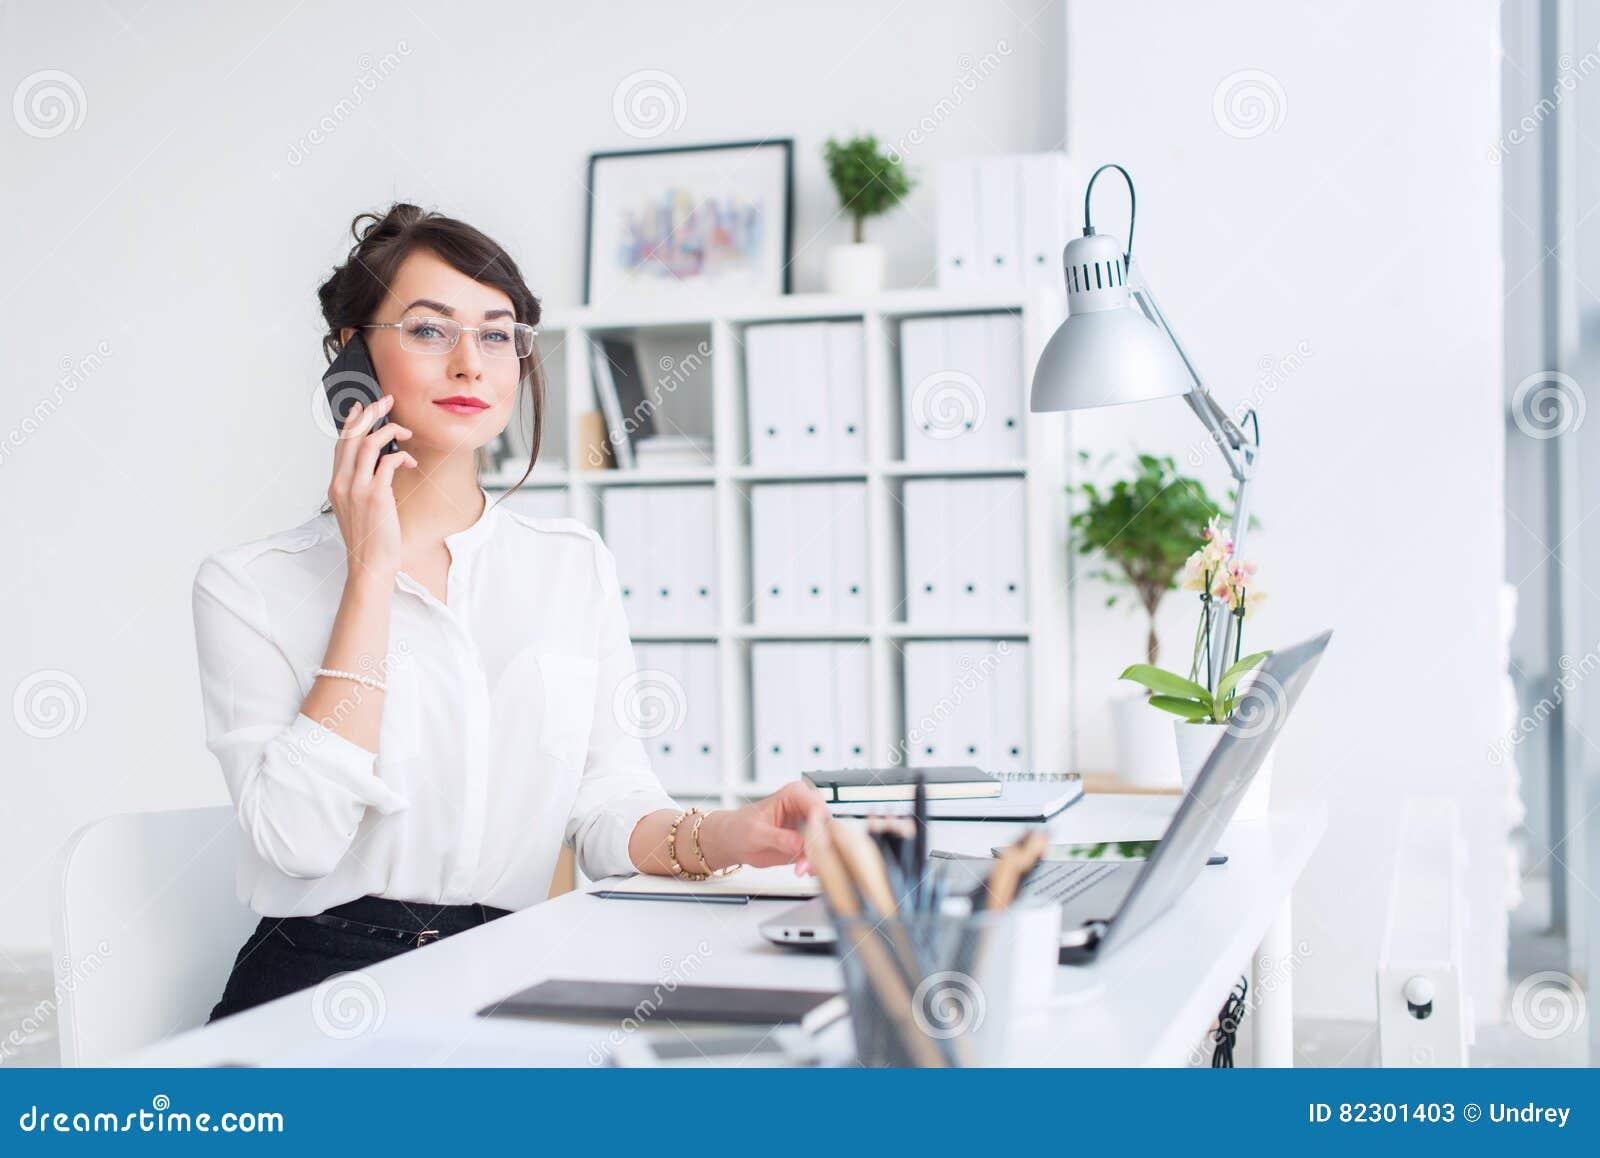 坐在她的工作场所的年轻女实业家,制定出新的企业想法,佩带的正式衣服和玻璃,看